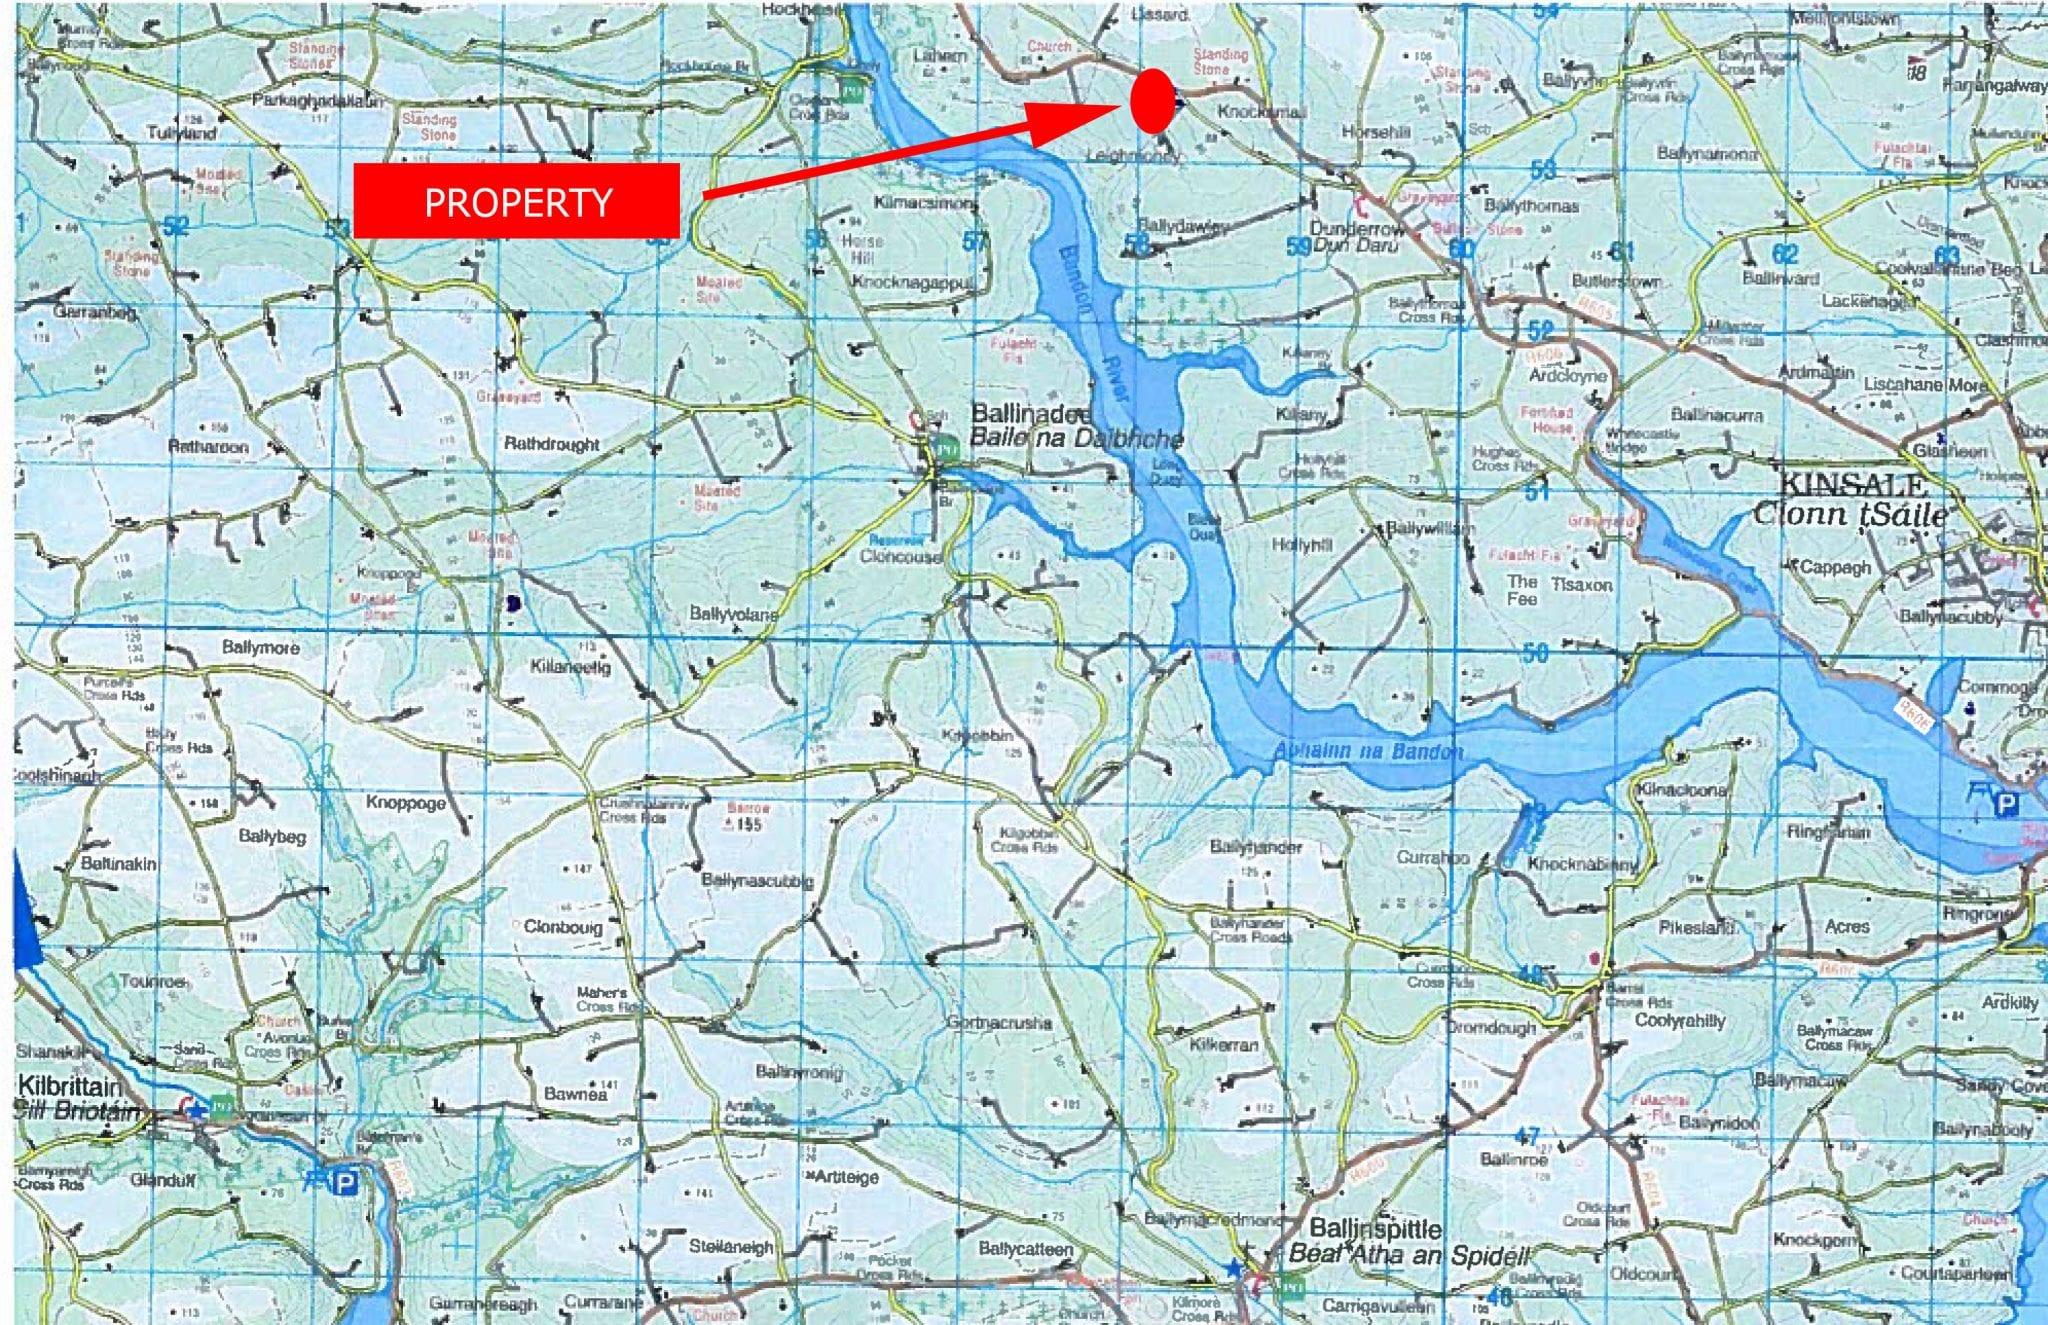 4. Location map